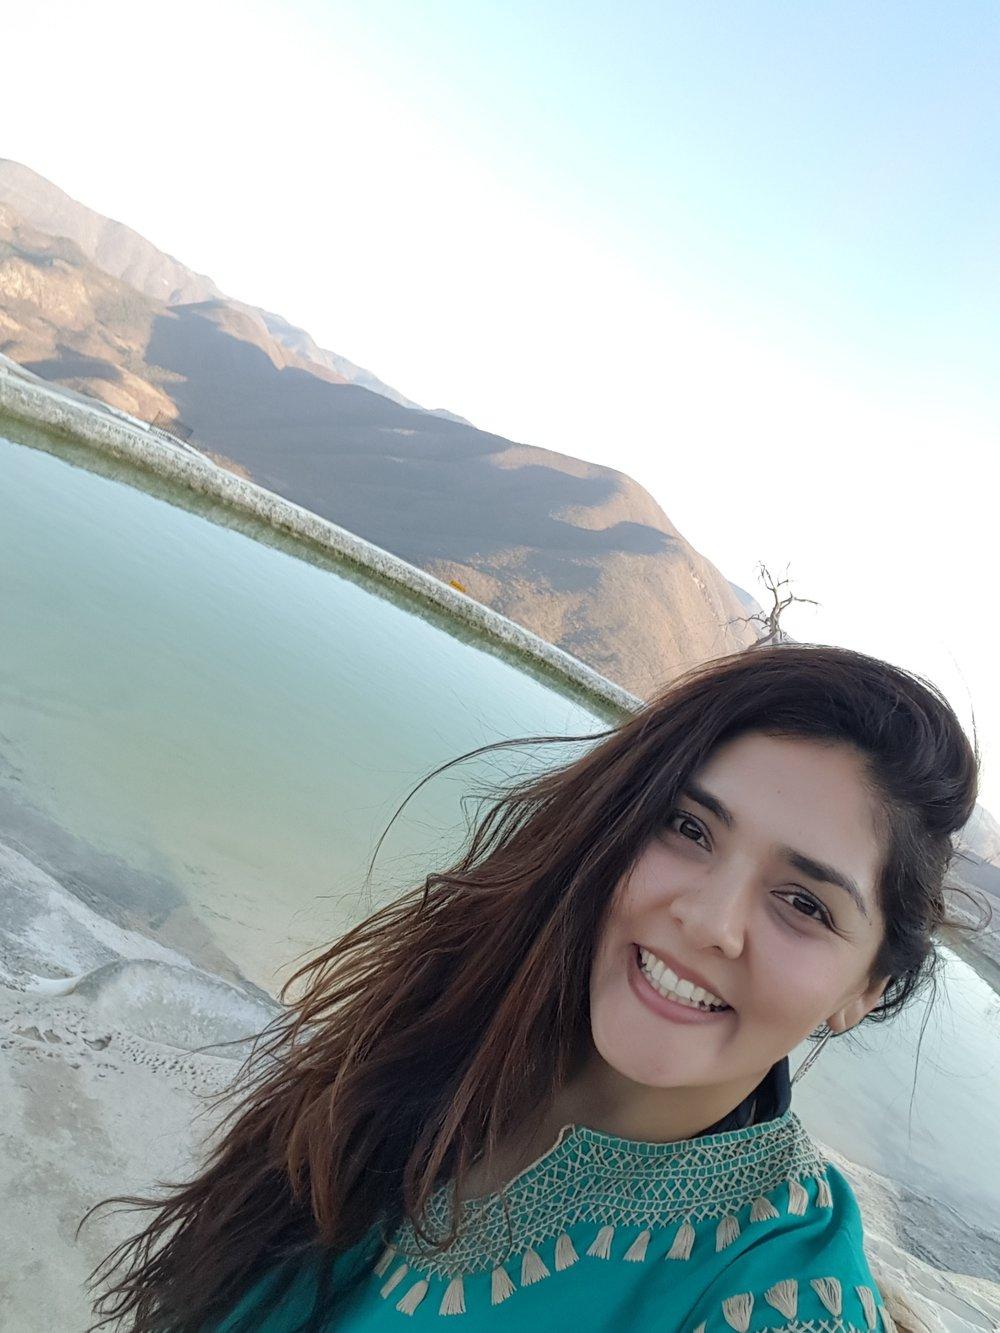 Meet Graciela Cabello